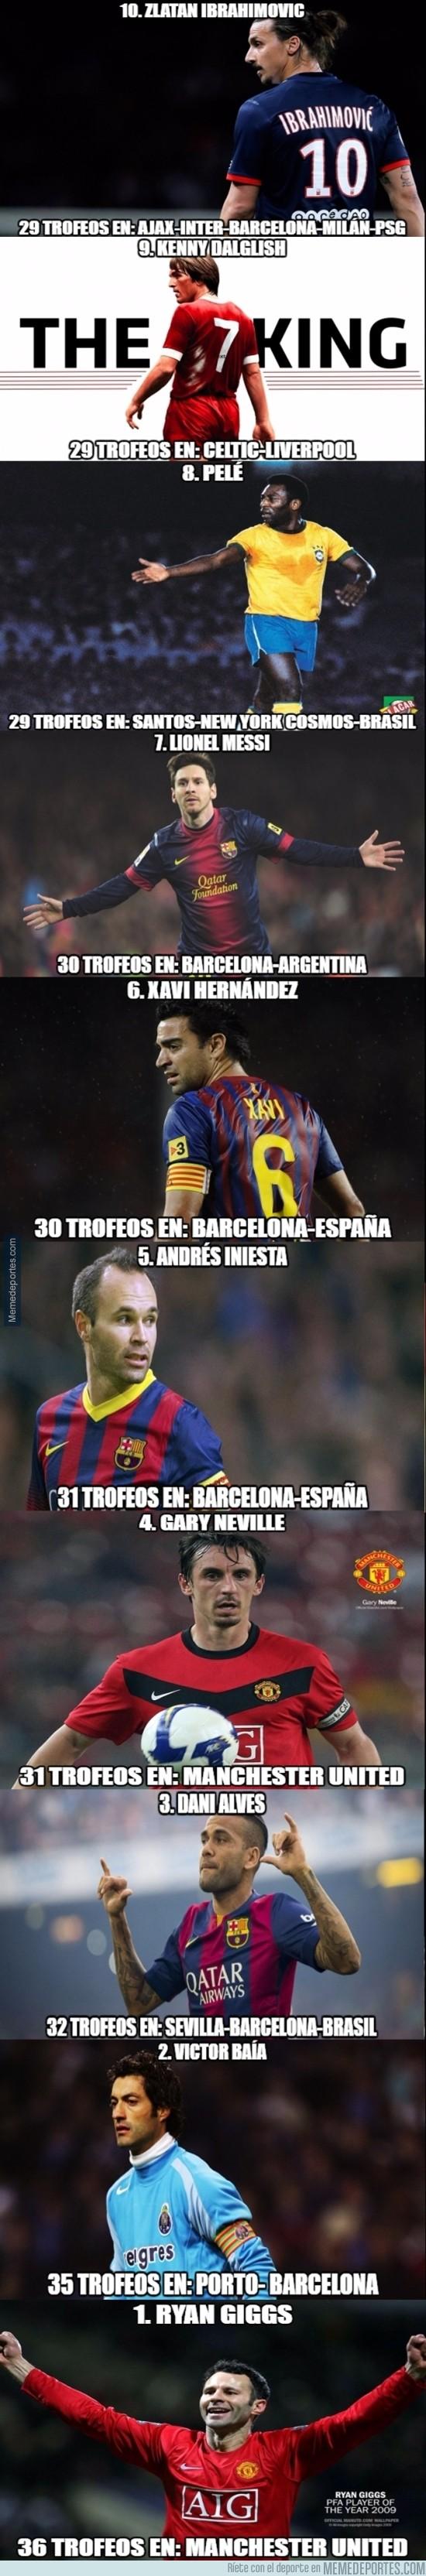 861184 - Estos son los jugadores con más títulos en la historia del fútbol